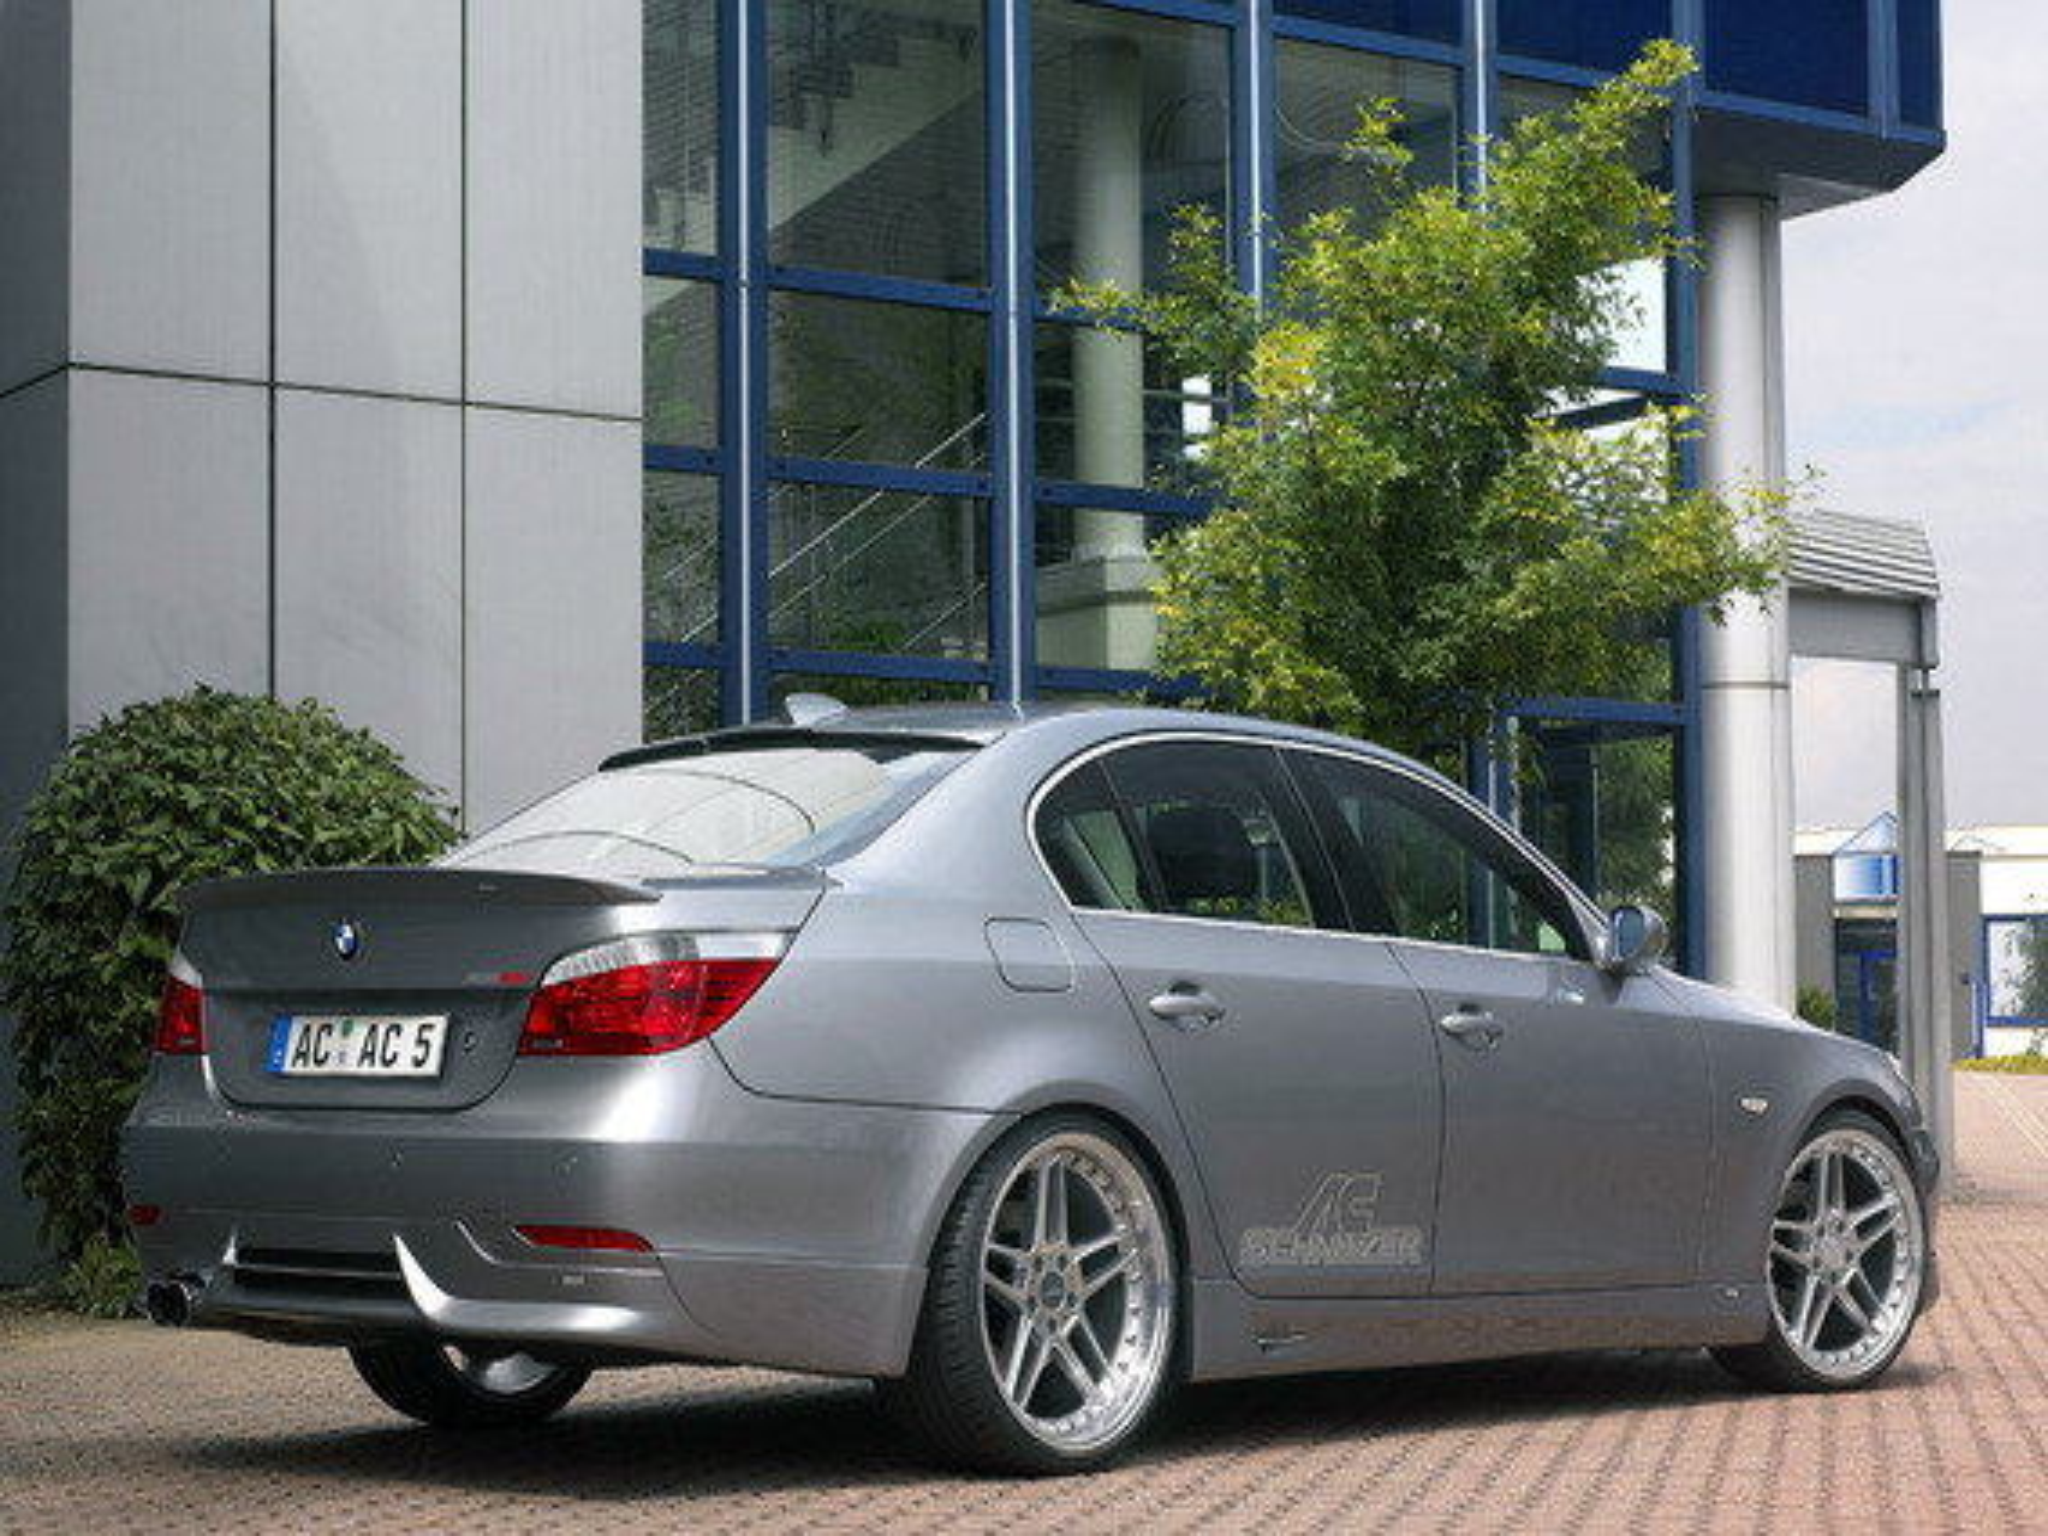 Какие функции выполняет система Servotronic и входит ли она в стандартную комплектацию BMW 5 E60